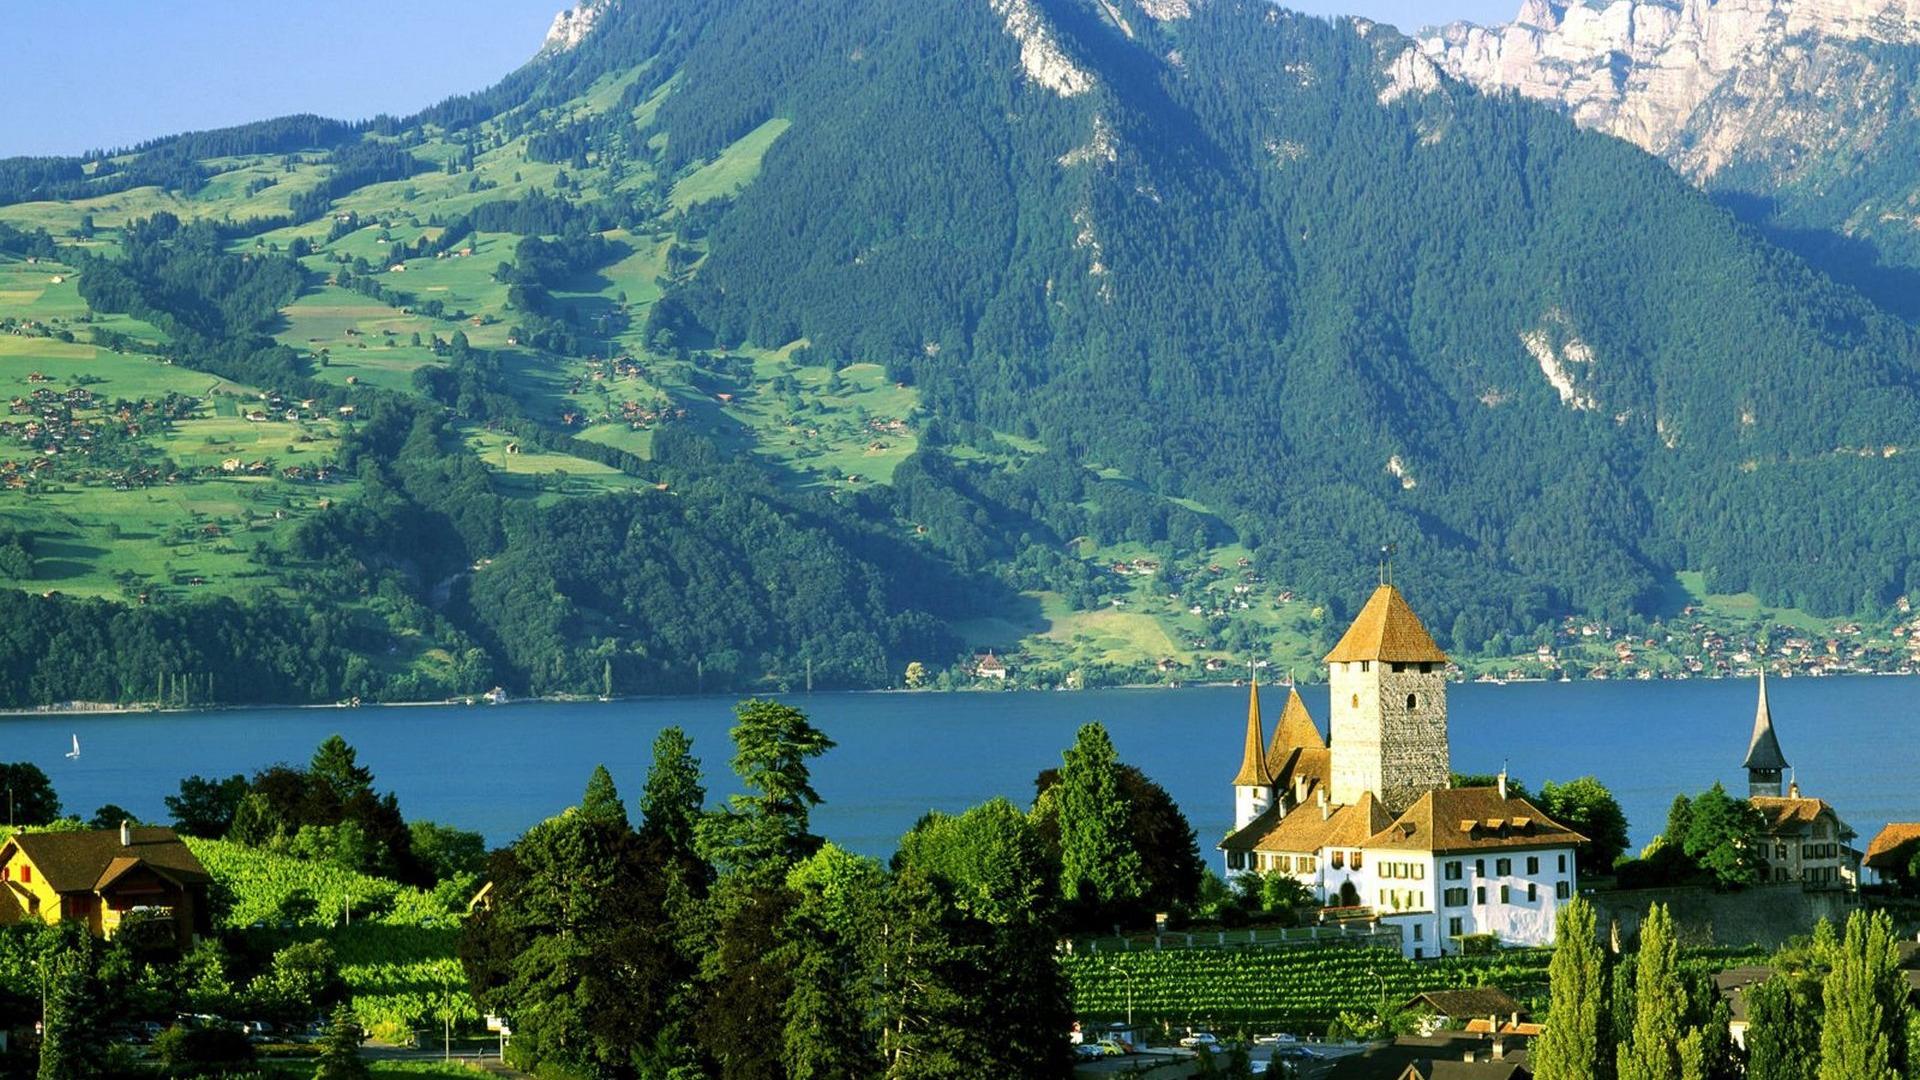 Замок швейцария вечер  № 2569390 загрузить